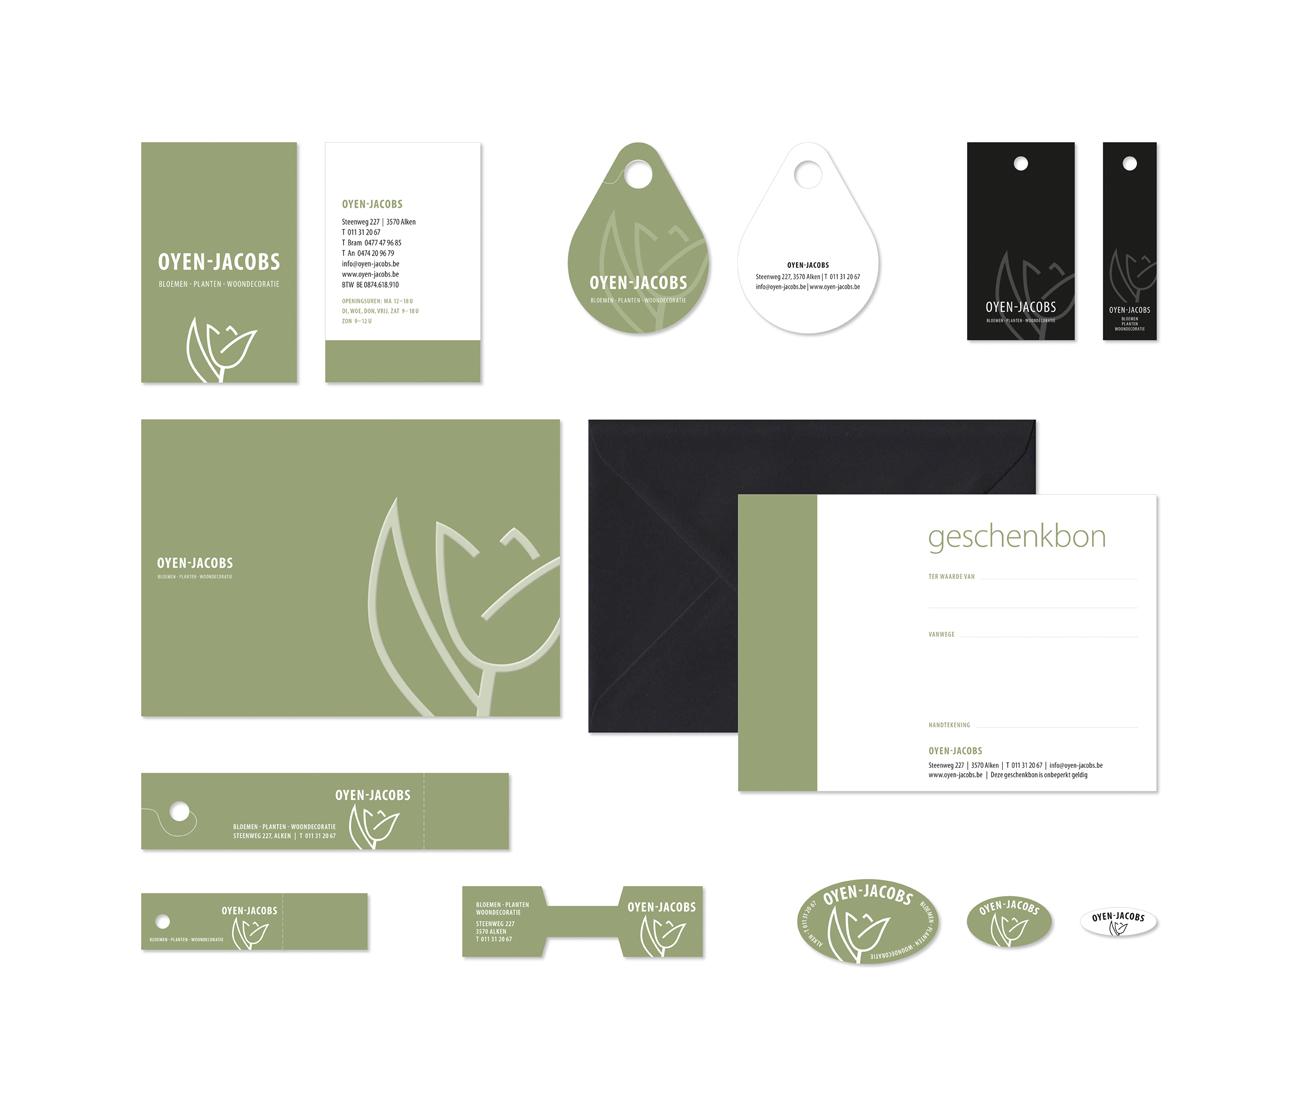 Ontwerp logo en huisstijl Oyen-Jacobs door miet Marneffe